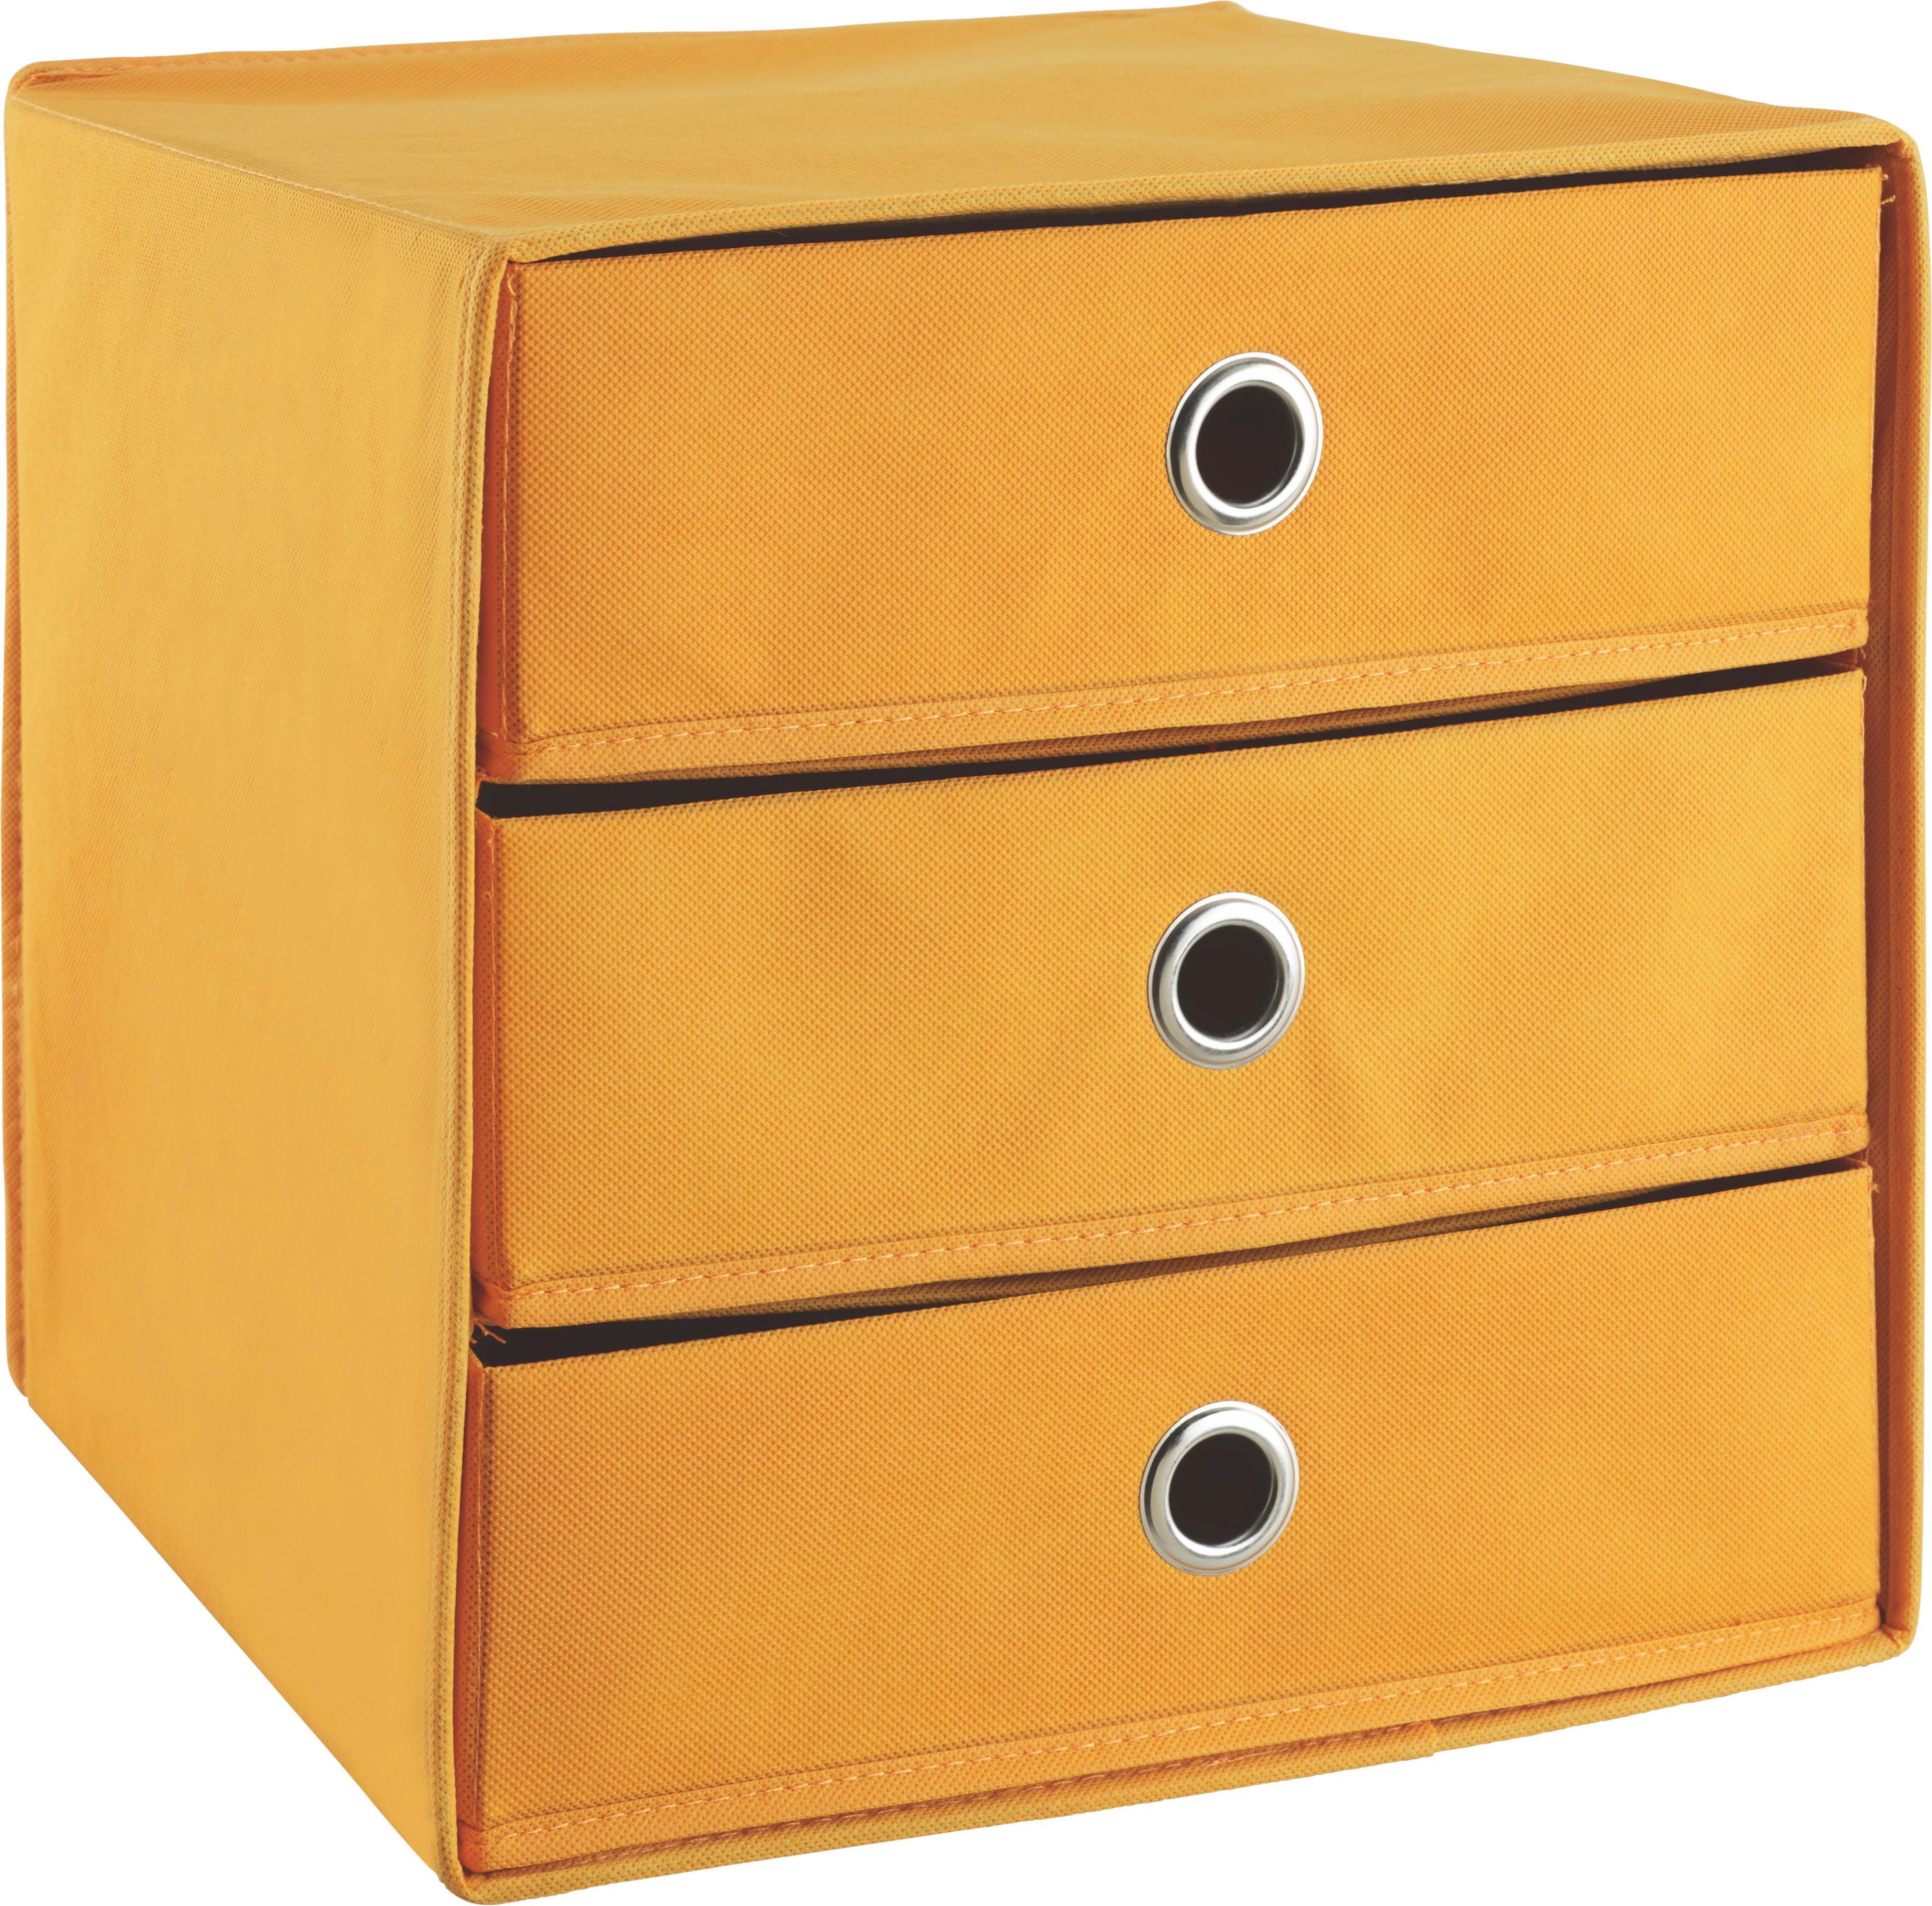 Container in Orange - Orange, Karton/Textil (31,5/32,0/31,5cm) - CARRYHOME